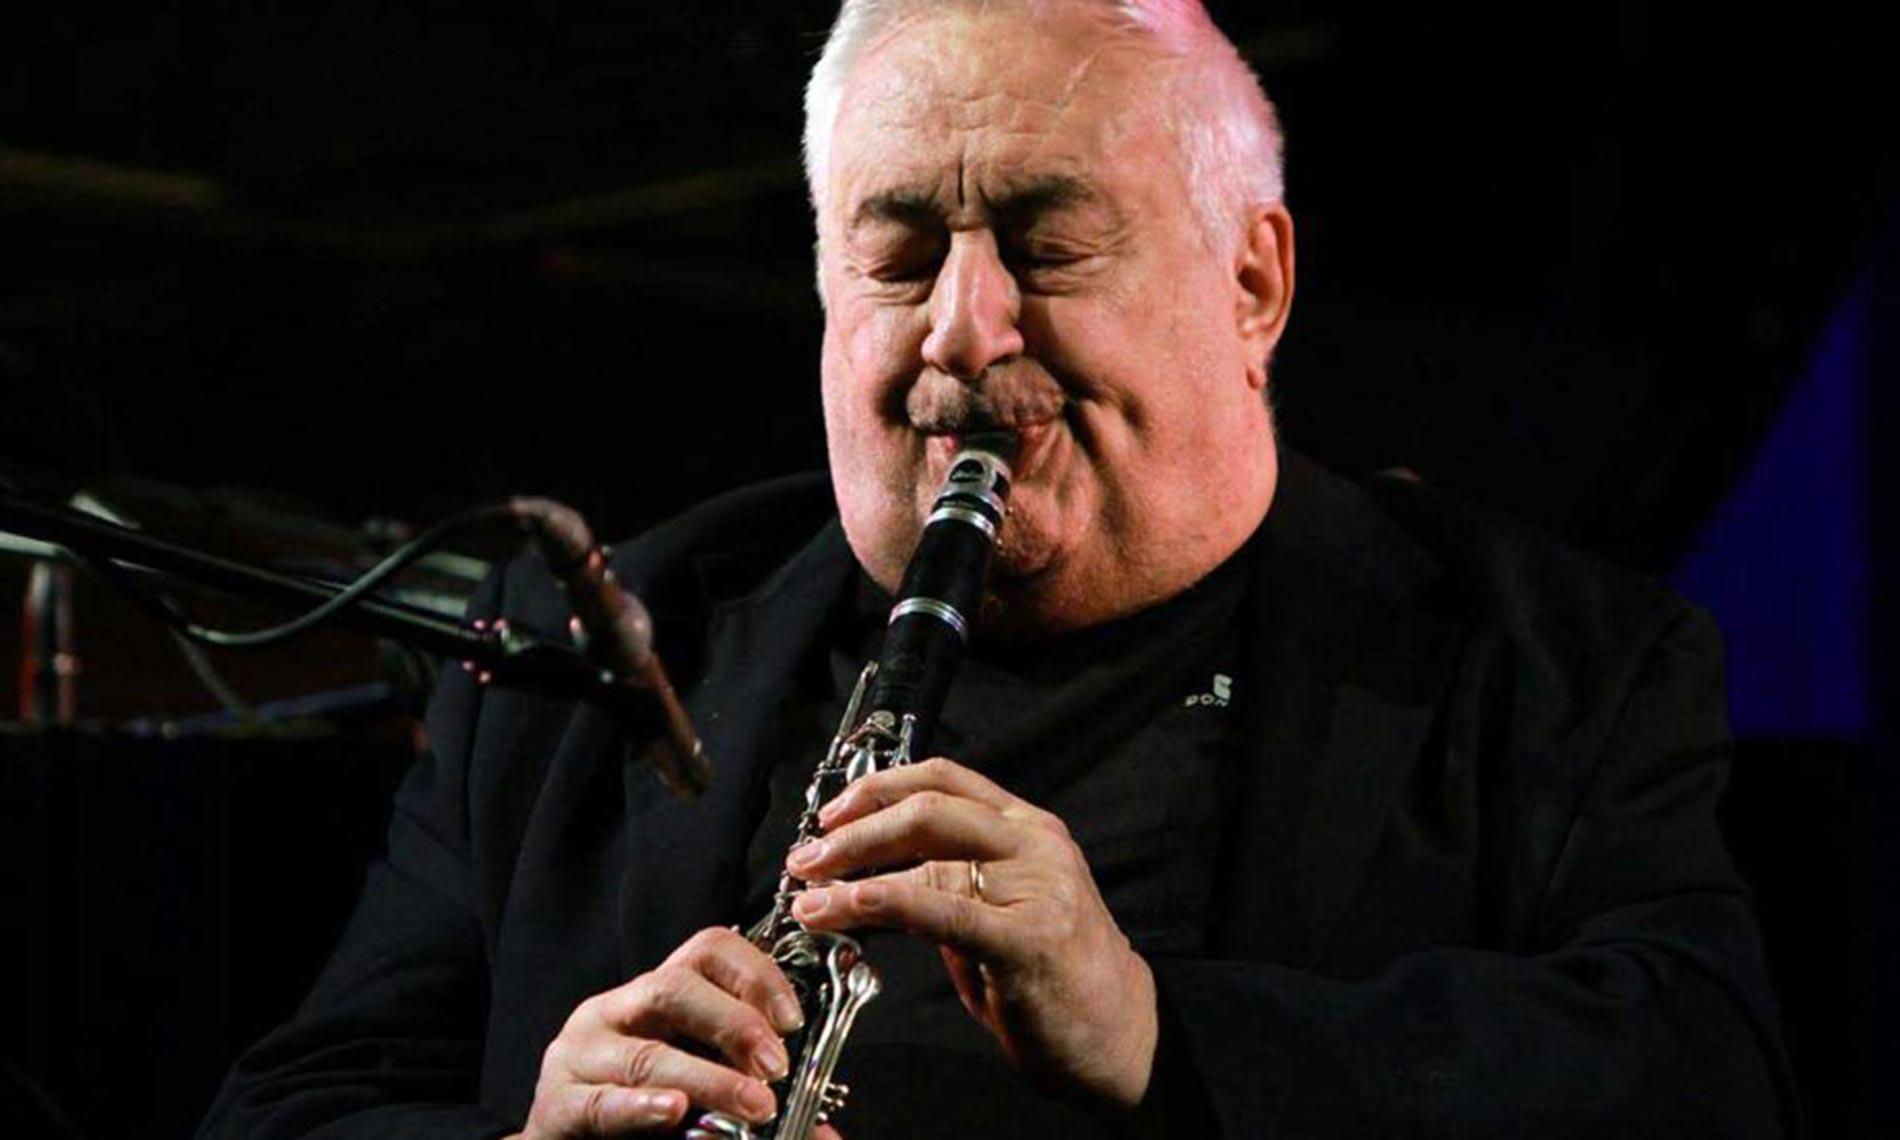 Miasino Classic Jazzfestival - Paolo Tomelleri